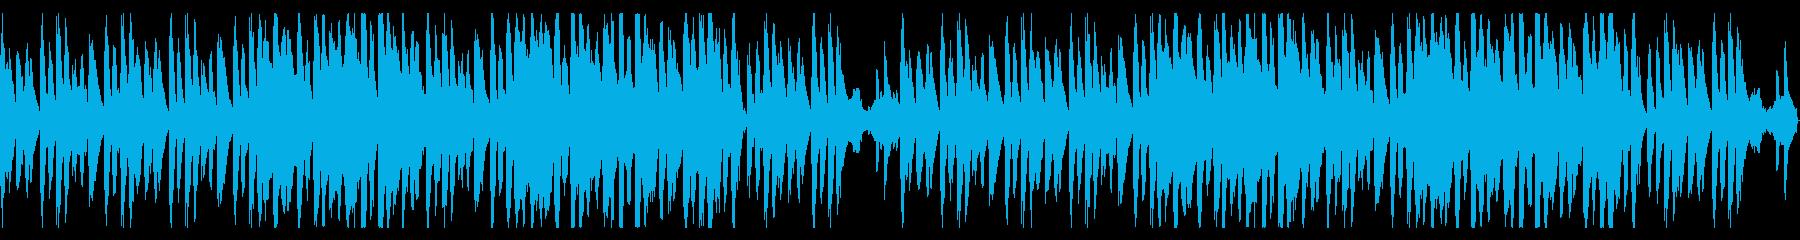 スタイリッシュな和風インストの再生済みの波形